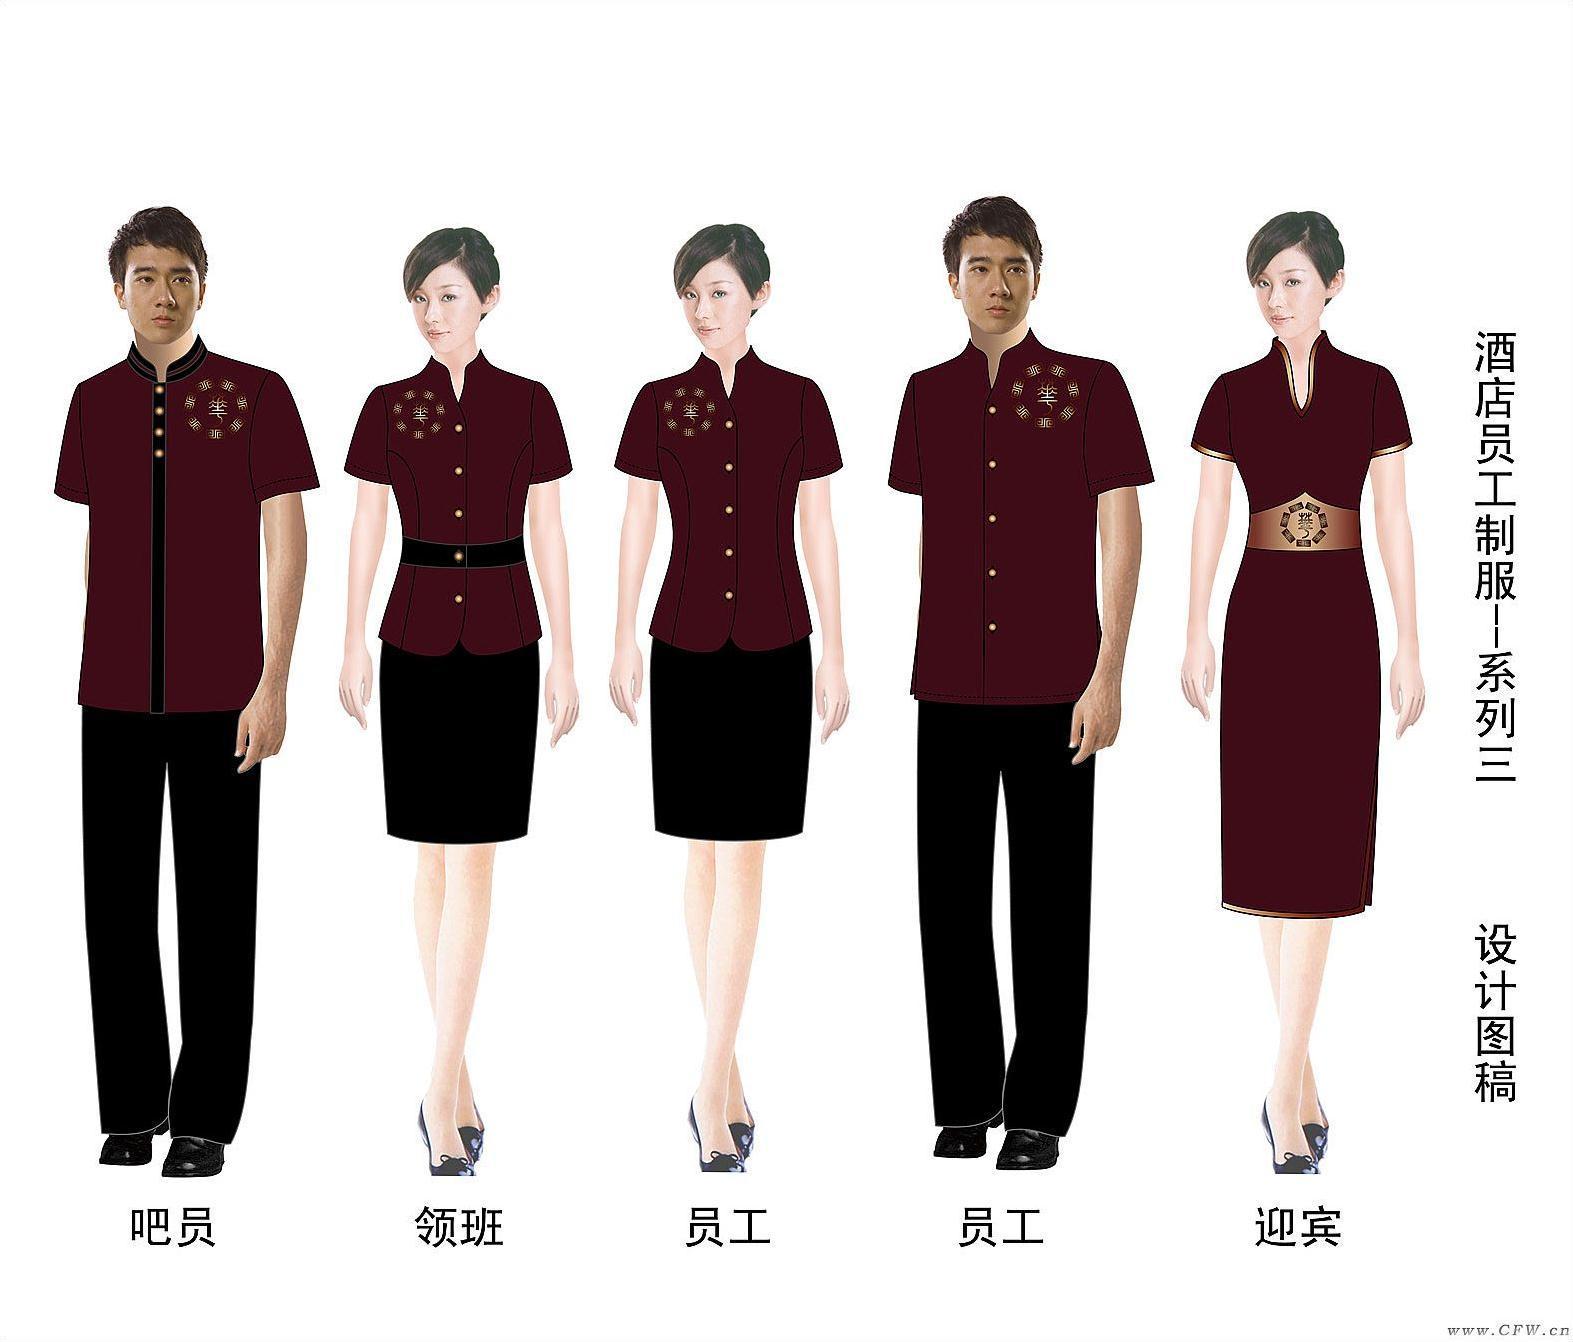 酒店制服系列三-职业服装设计-服装设计